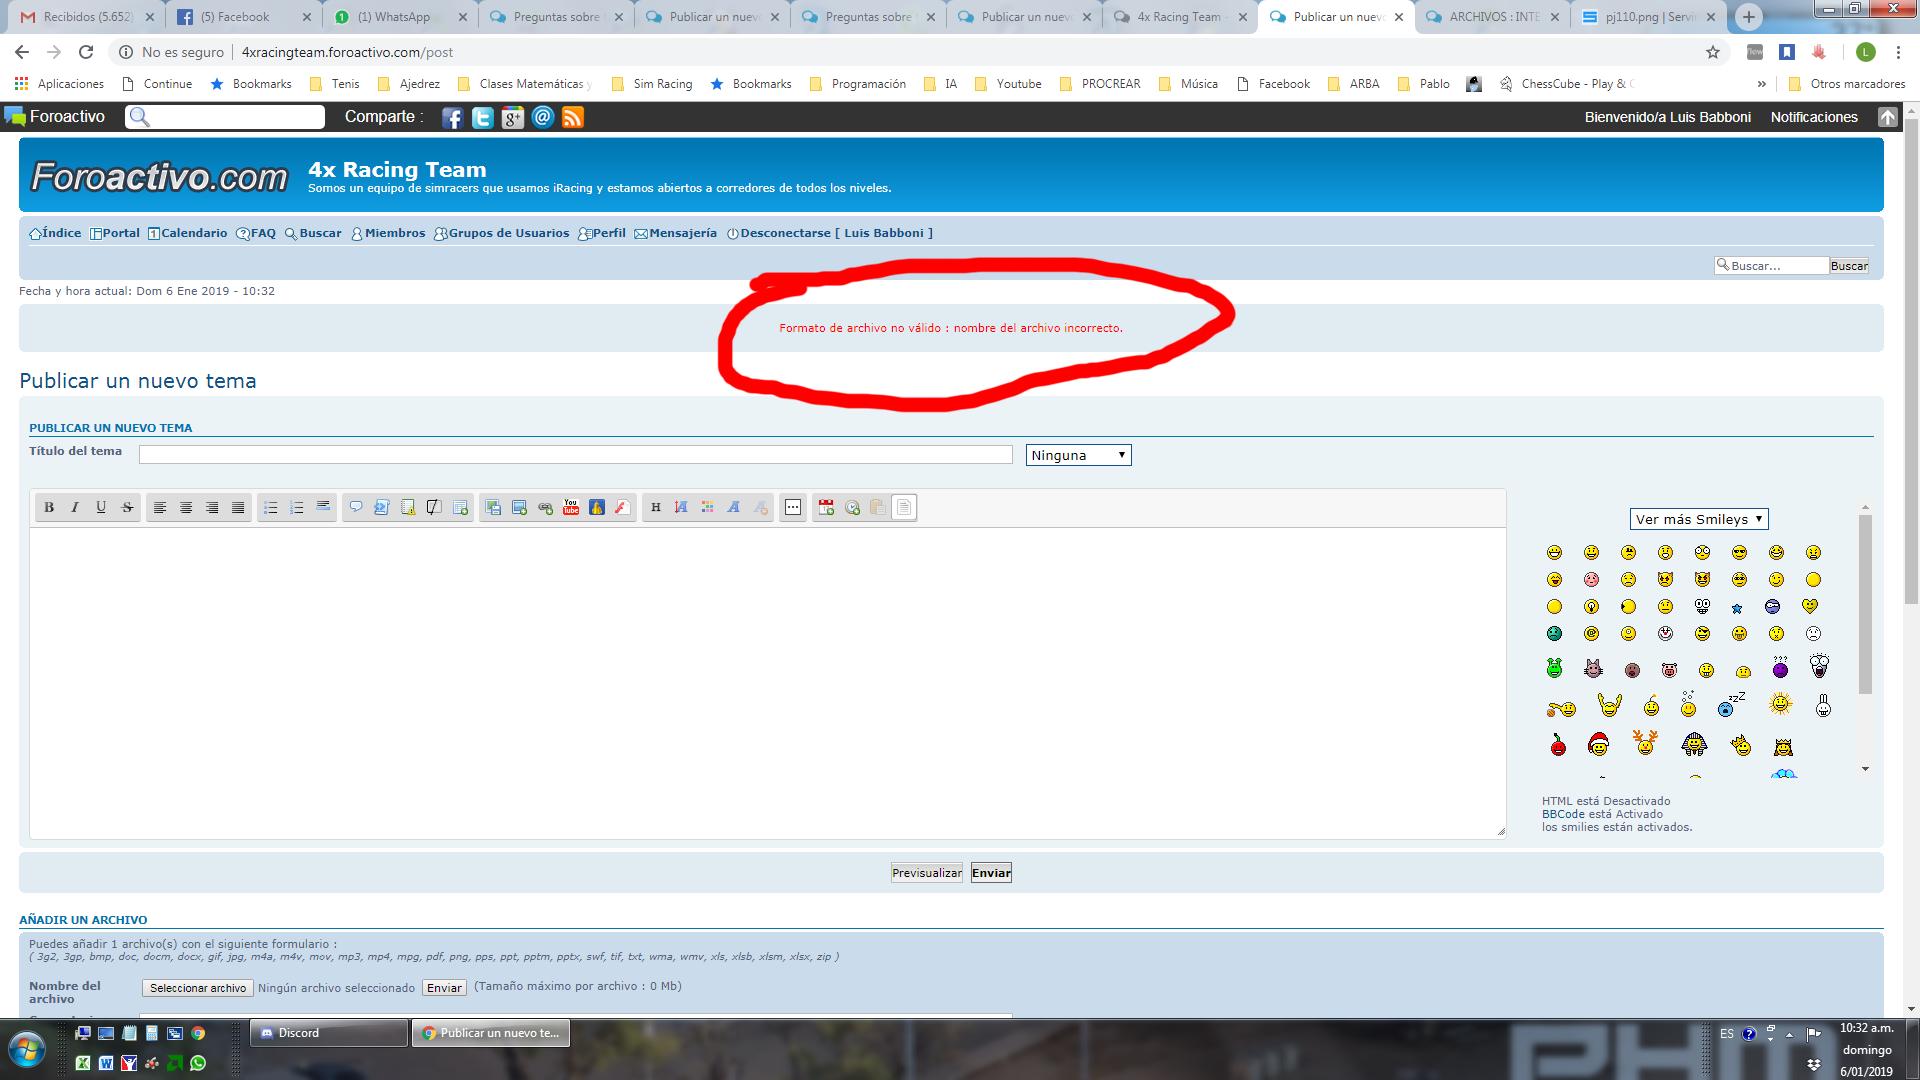 ¿Se puede agregar subir archivos con otras extensiones? No%20permite%20adjuntar%20sto